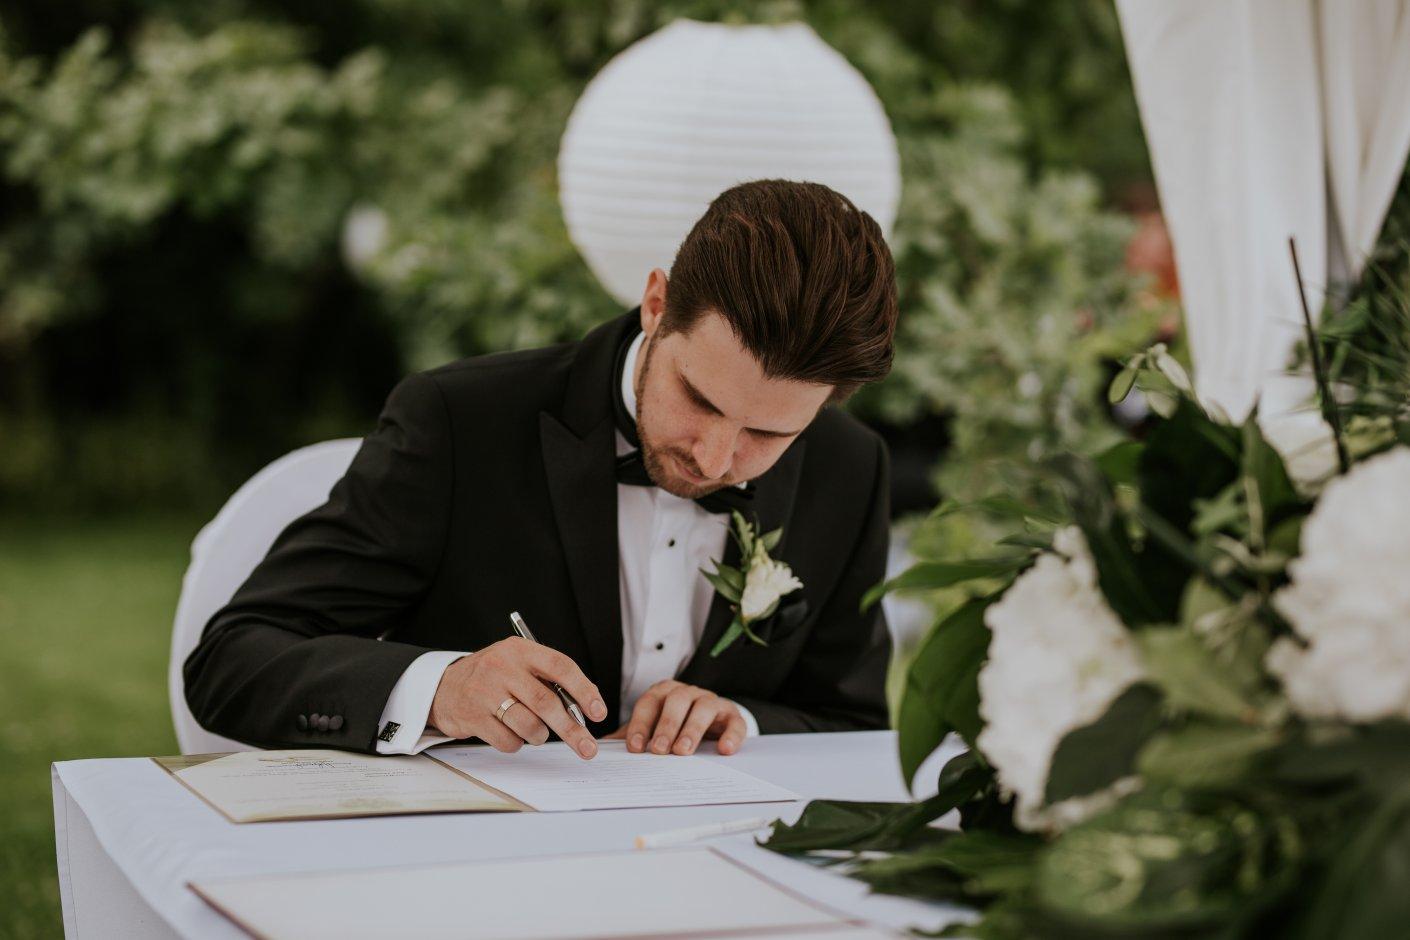 wesela 2021 umowa bezpieczna mistrzowie ceremonii